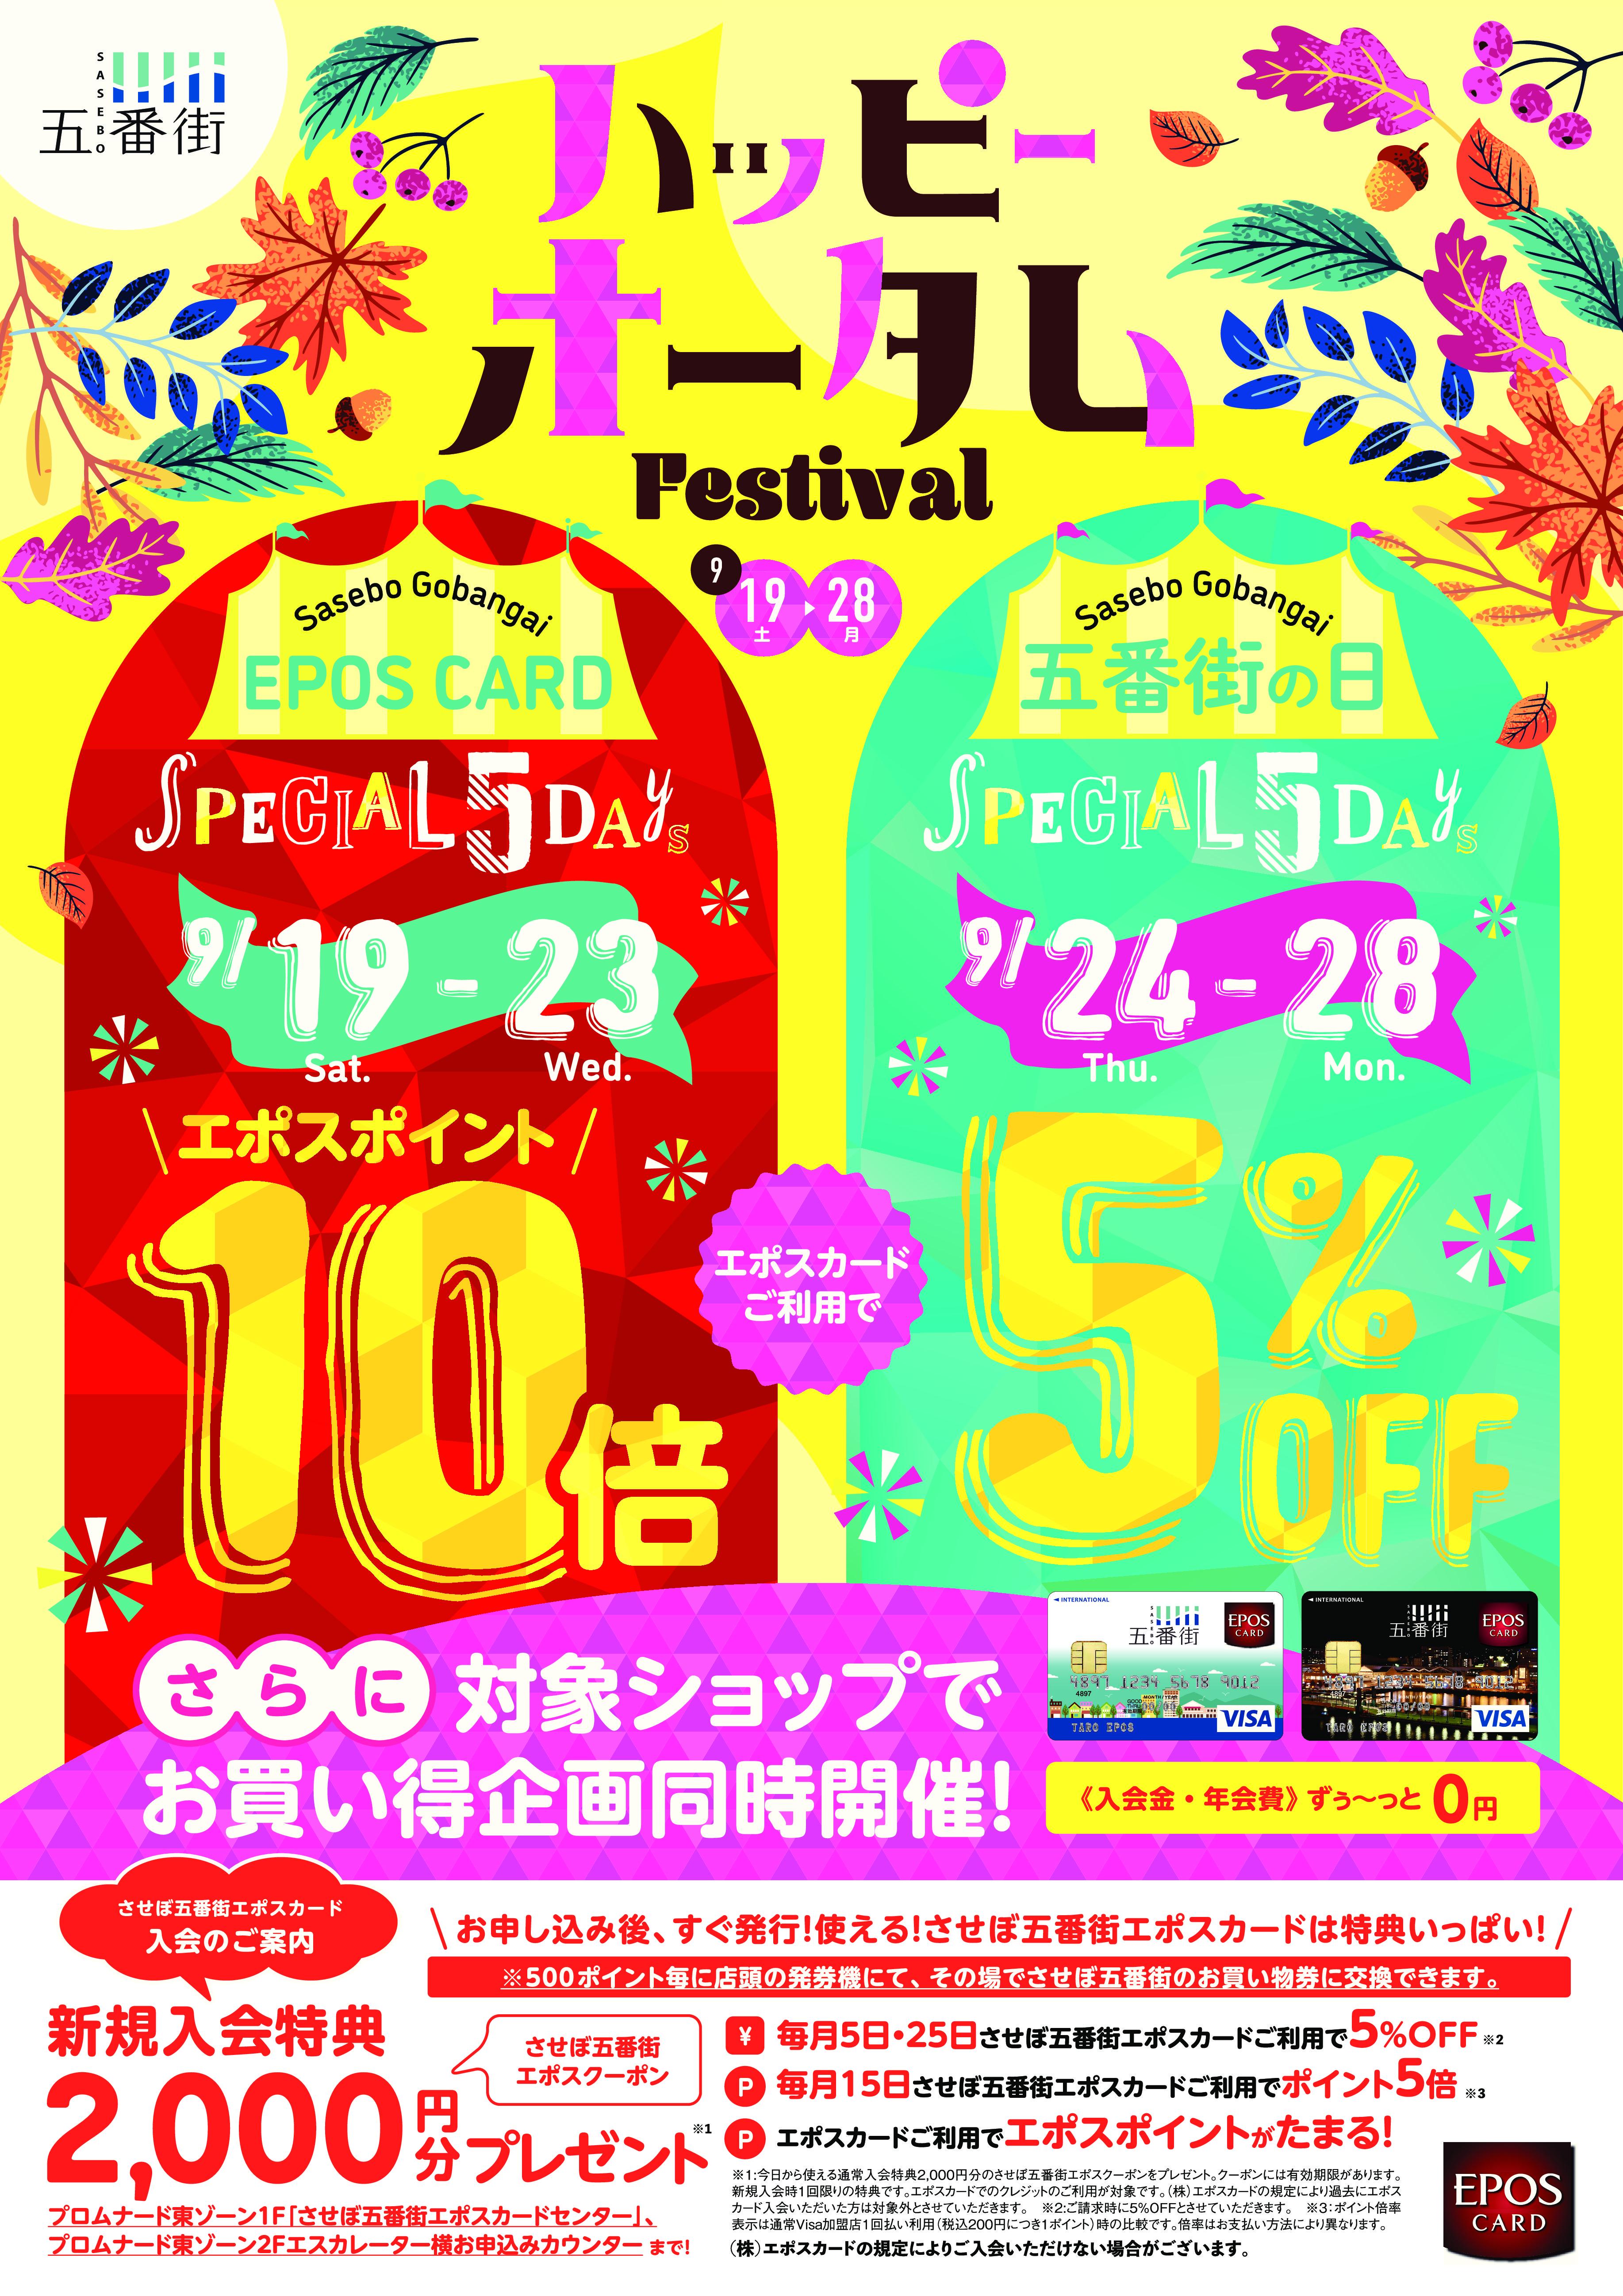 アイキャッチ:五番街の日 SPECIAL 5DAYS!!エポスカードご利用で5%OFF!}